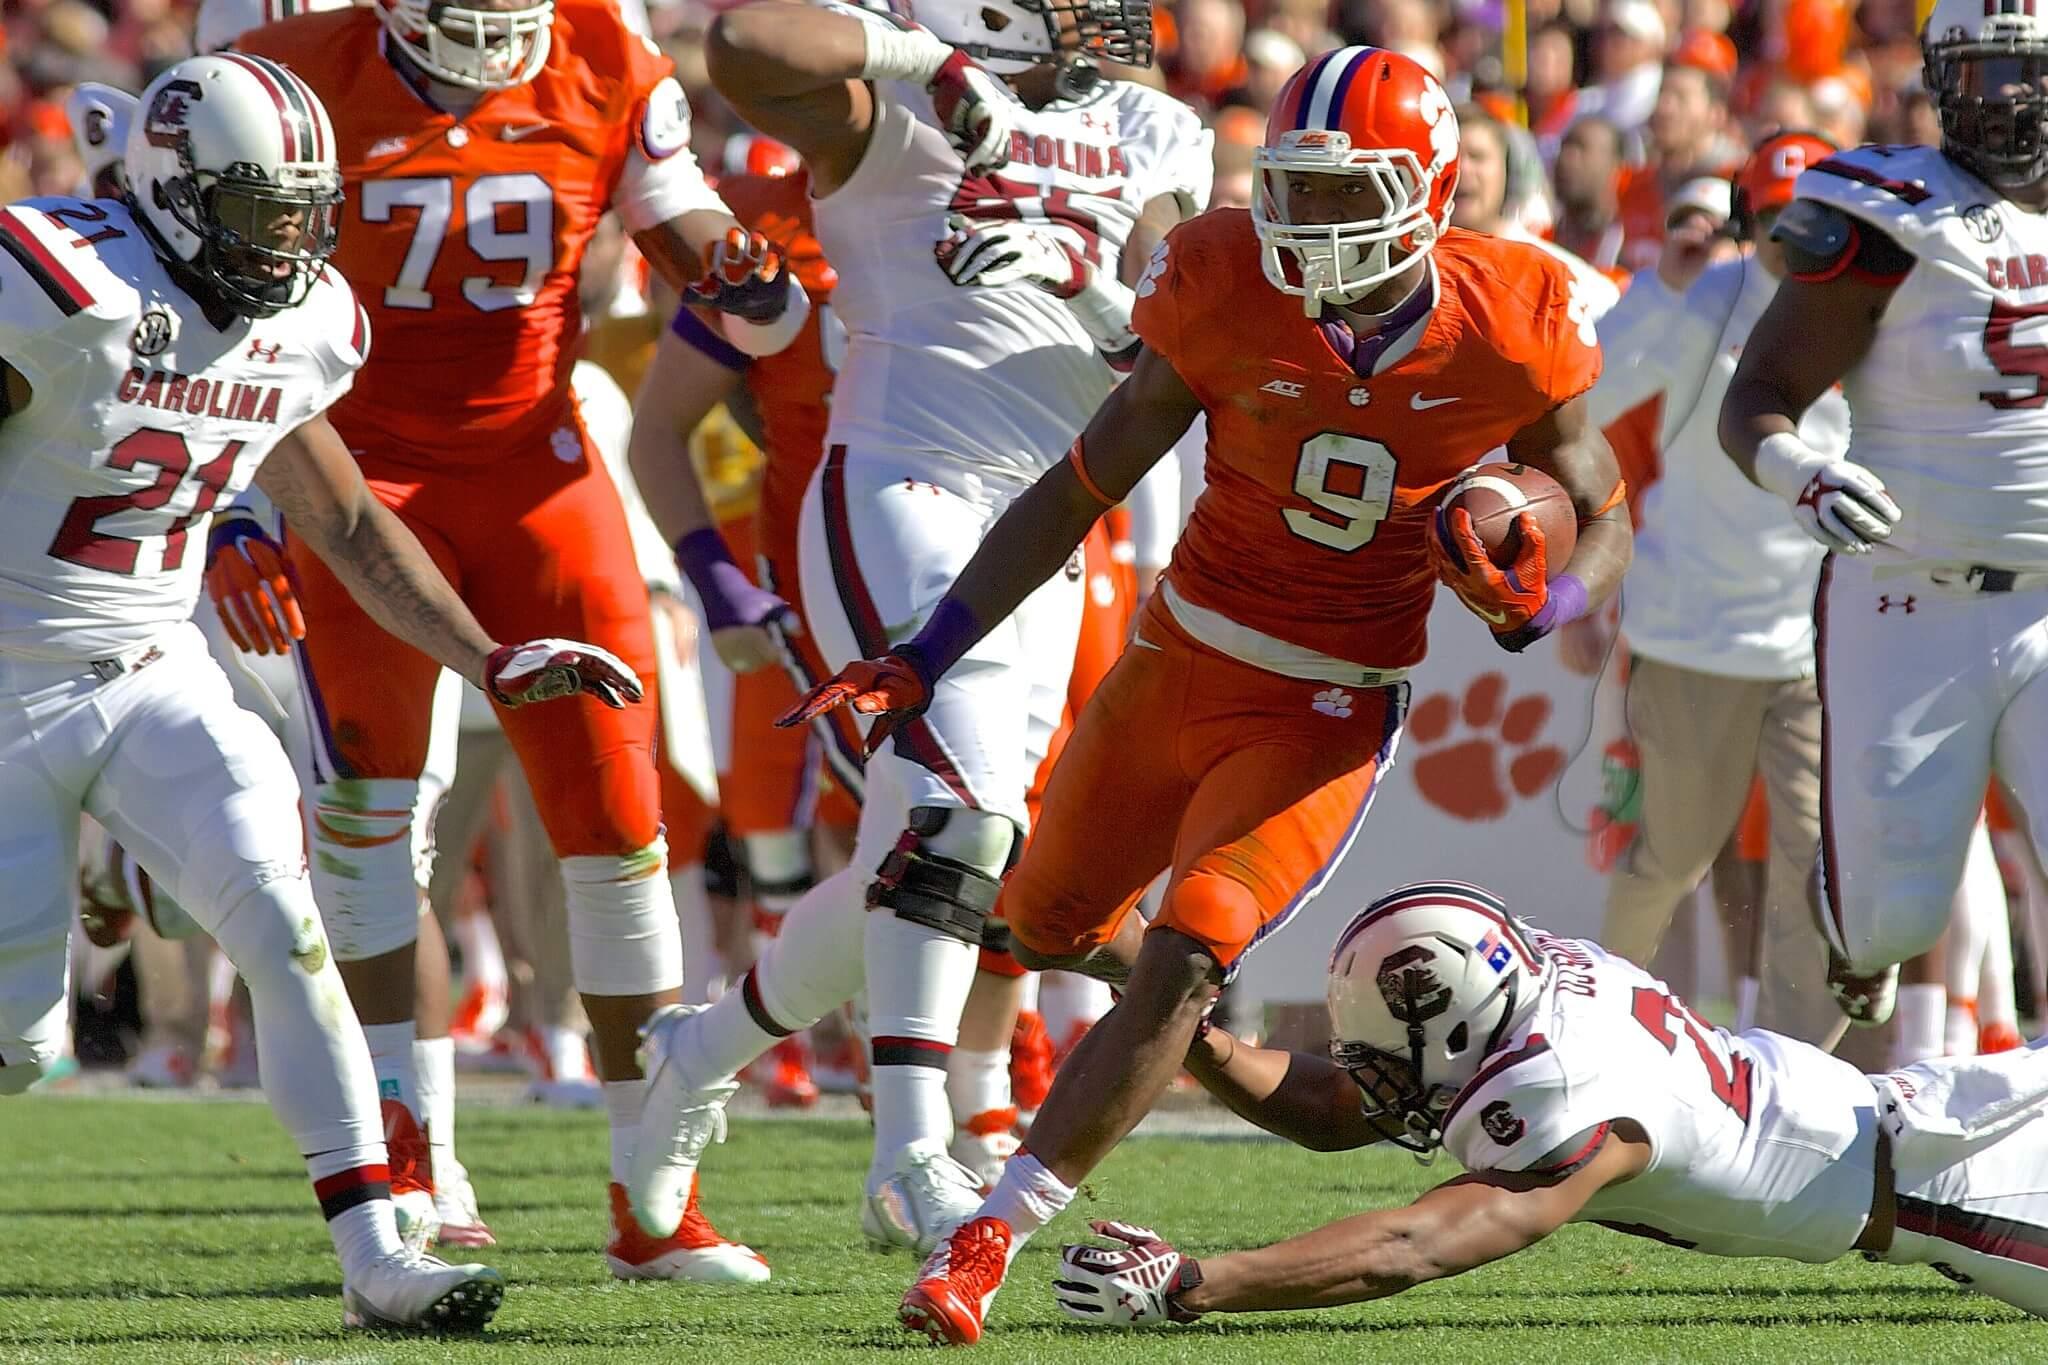 Clemson vs South Carolina Palmetto Bowl football game